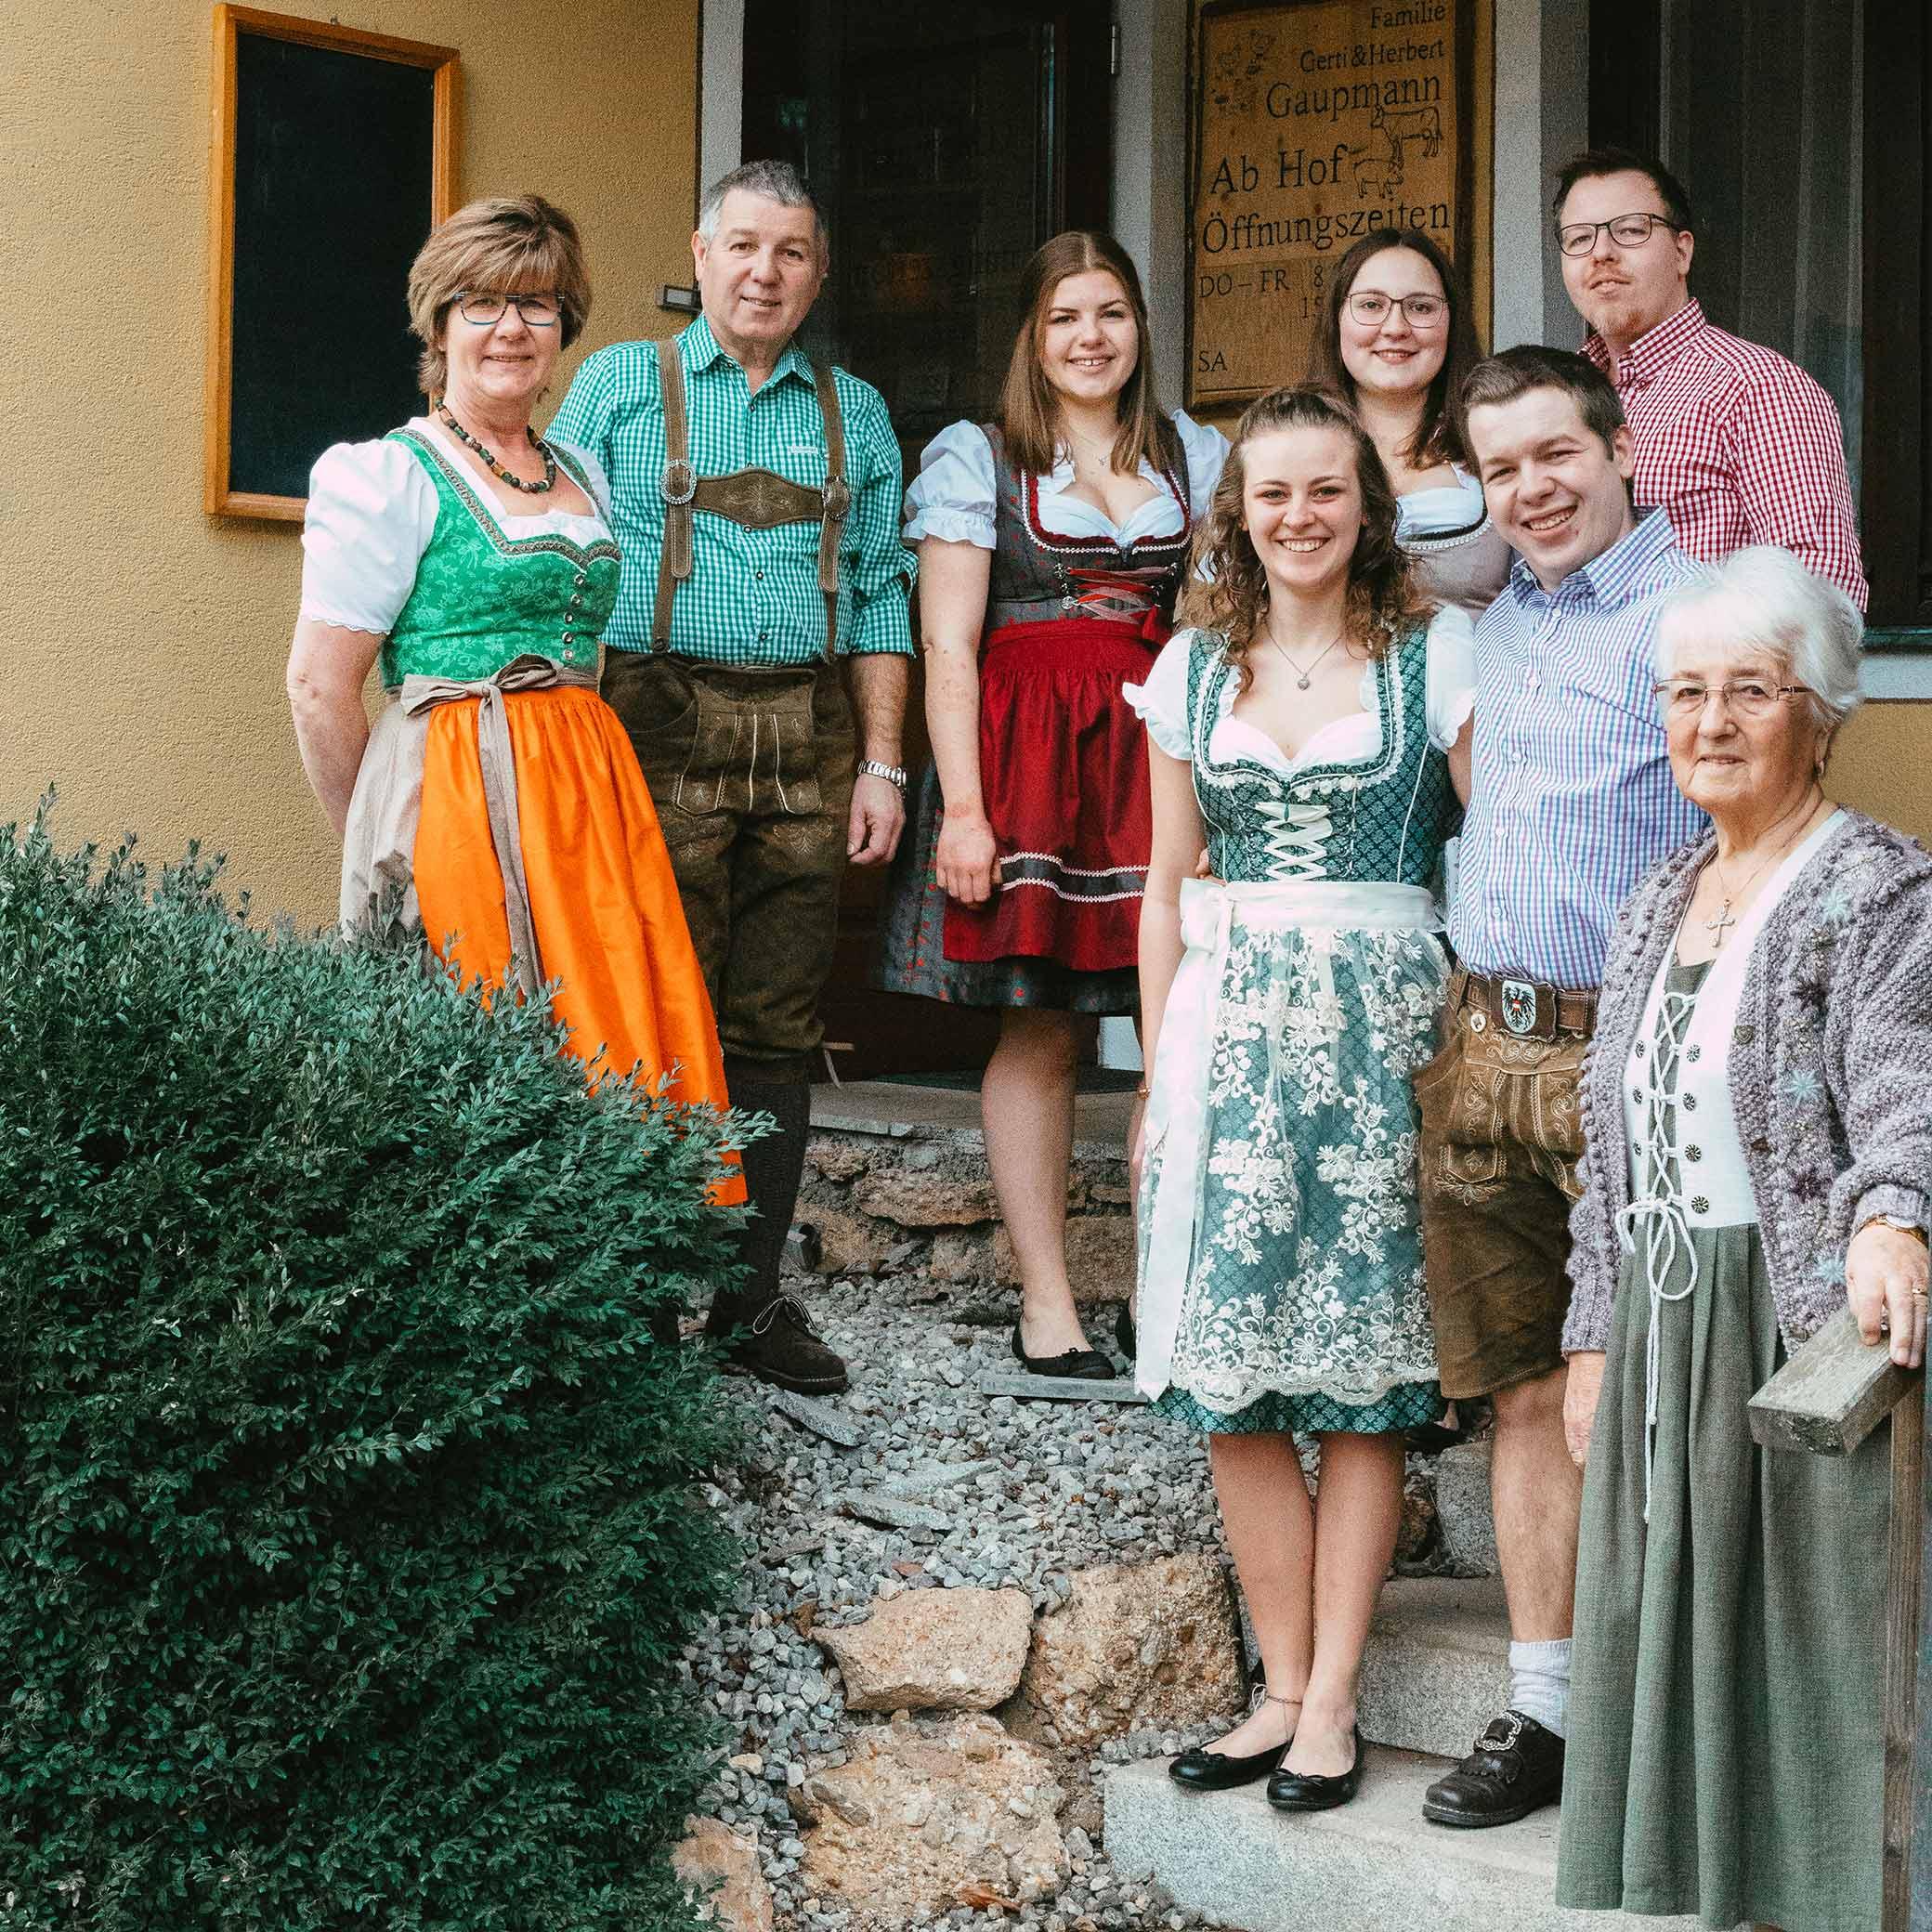 Familienfoto der Familie Gaupmann